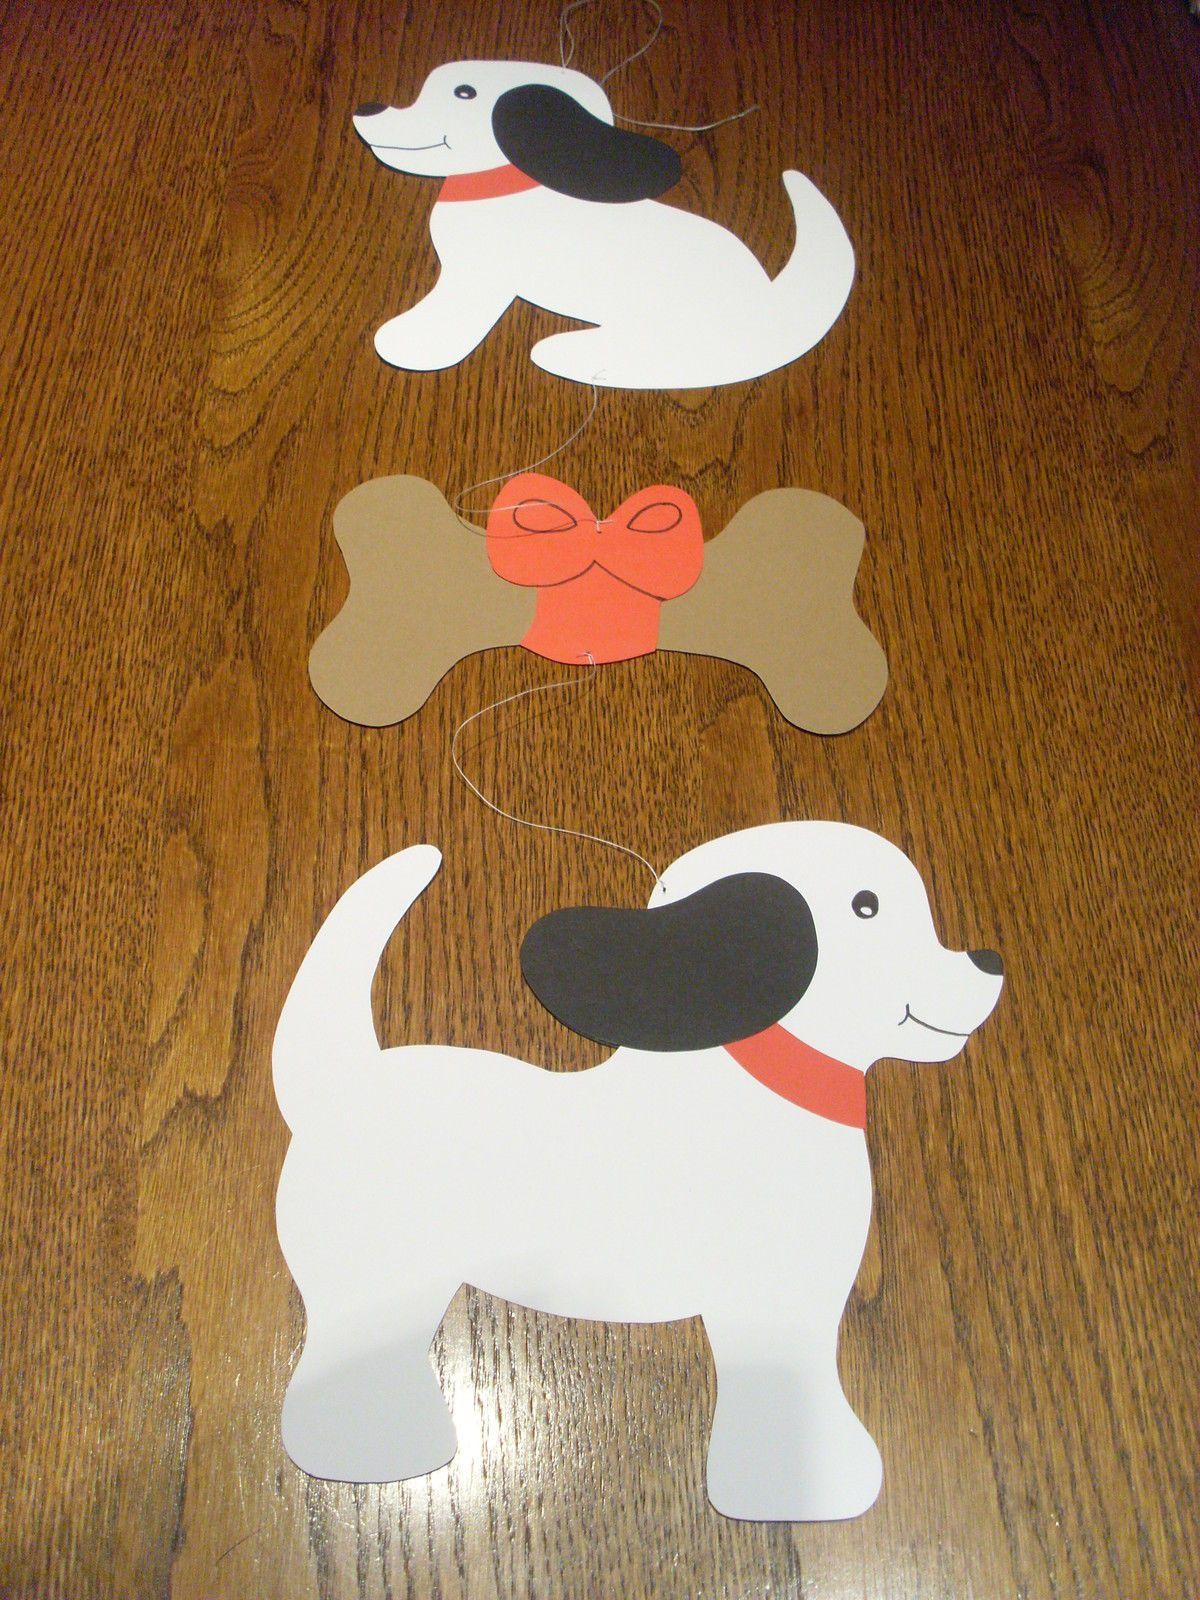 Fensterbild -Kette Tonkarton Deko Basteln Tier Hunde Knochen in Bastelvorlage Hund